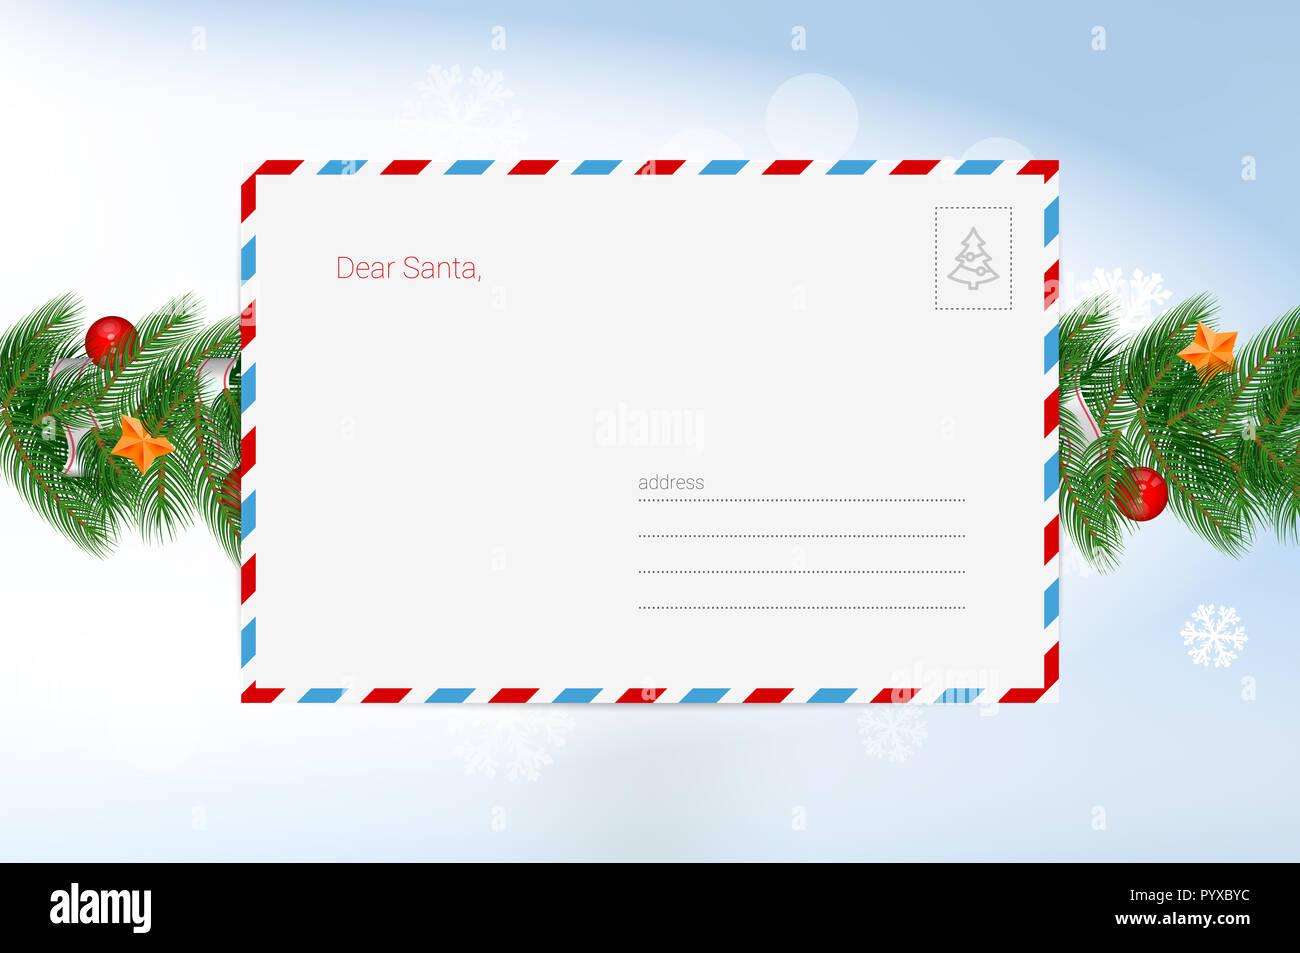 Carta De Felicitaciones De Navidad Y Ano Nuevo.Carta De Santa Claus Plantilla De Tarjeta De Felicitacion